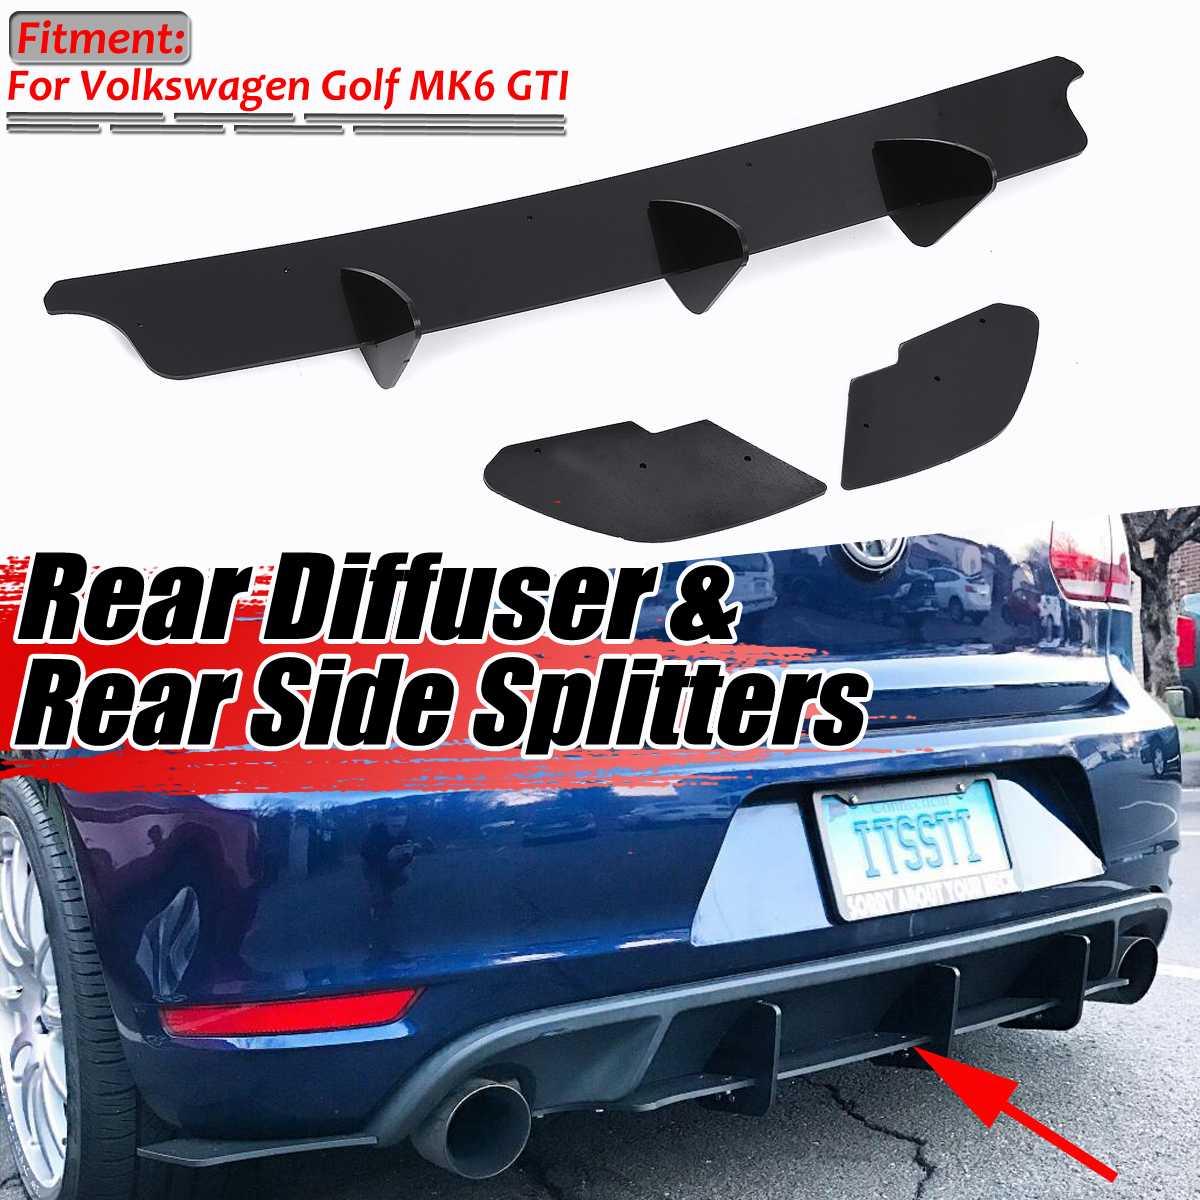 עבור GTI רכב אחורי פגוש מפזר & אחורי צד מפצלי ספוילר משמר עבור פולקסווגן לפולקסווגן עבור גולף MK6 GTI /MK7 GTI/MK7.5 GTI